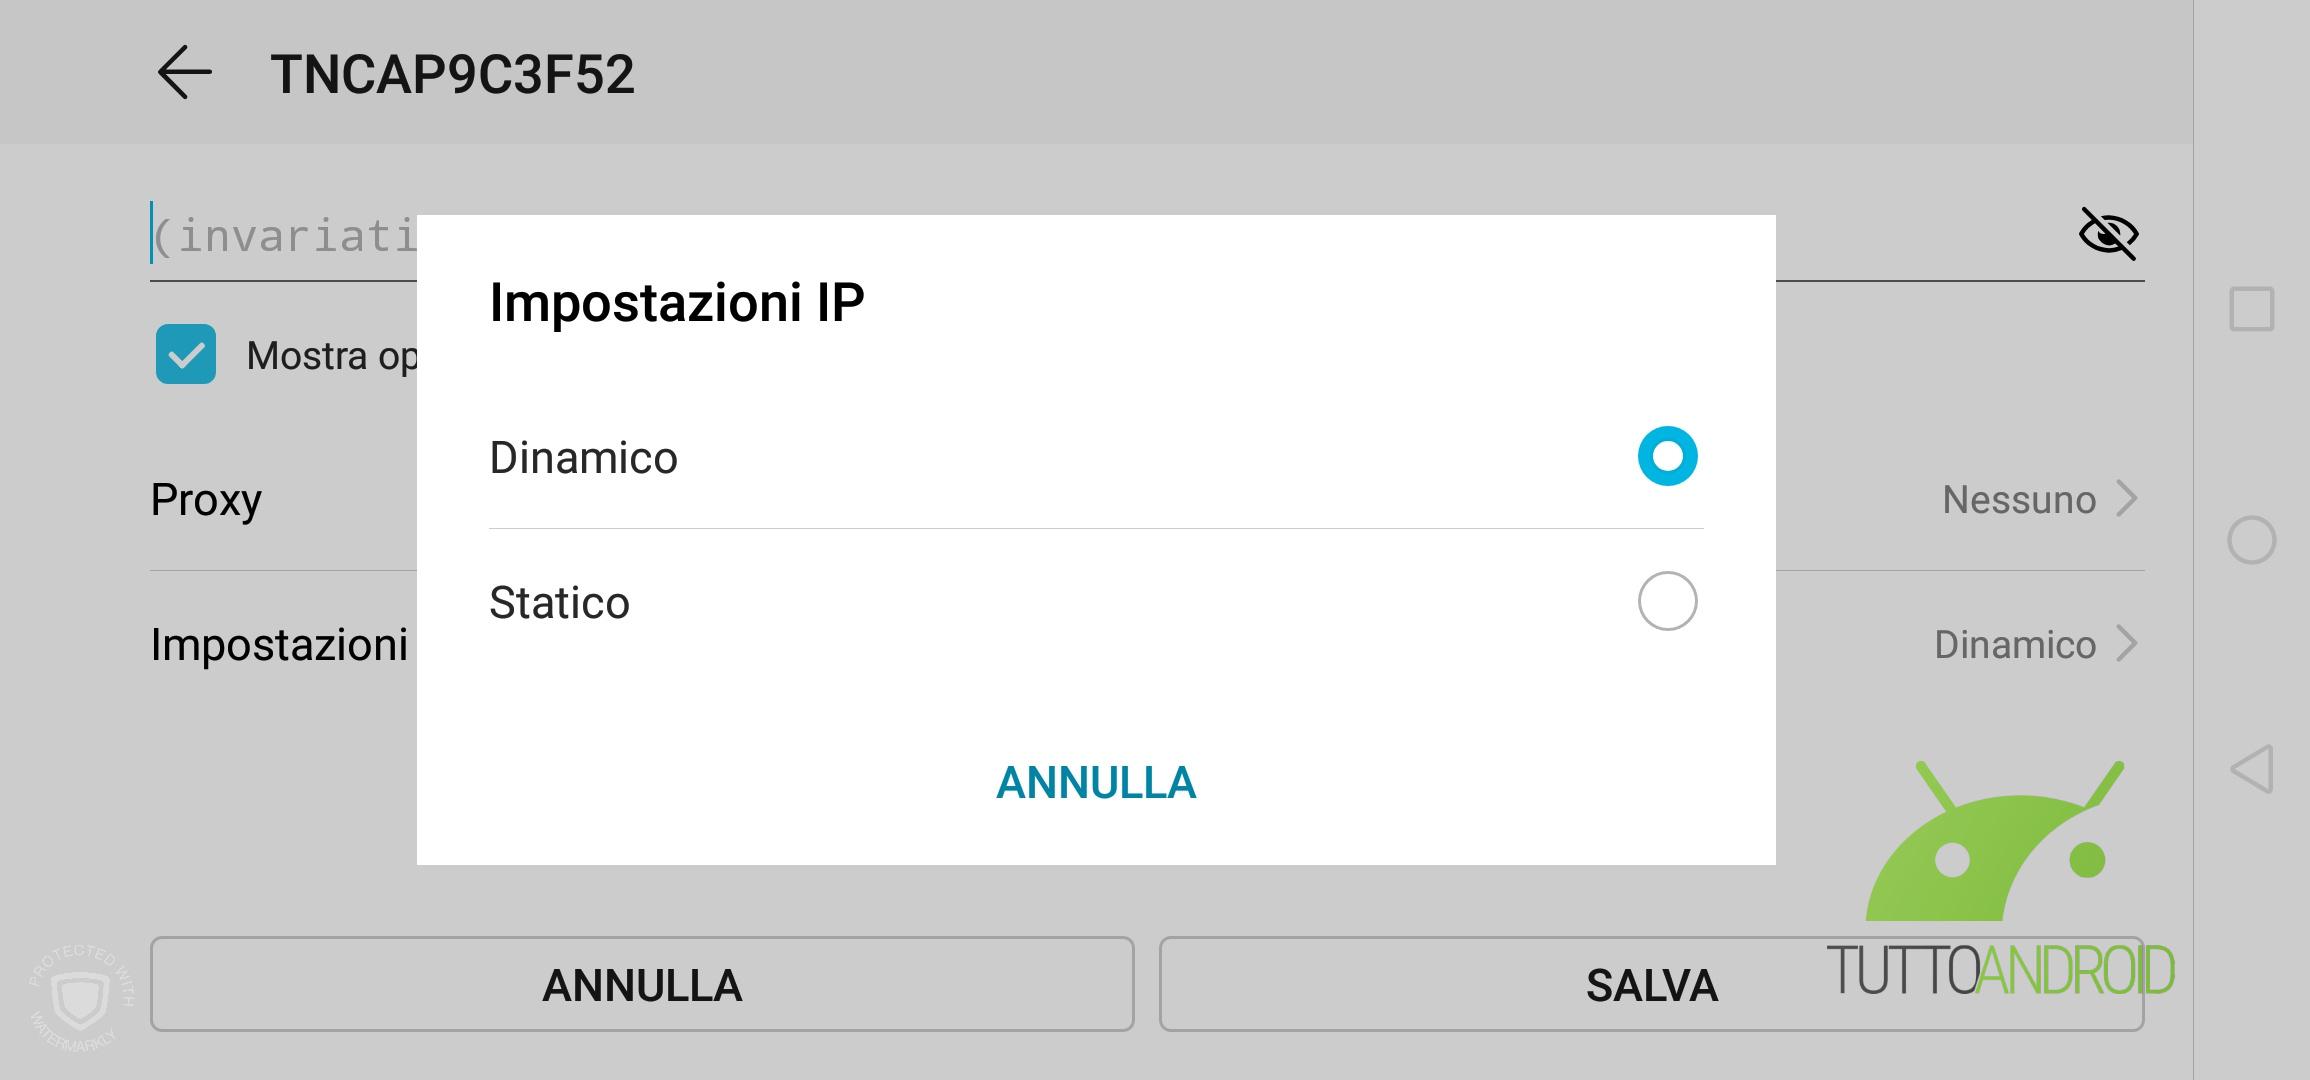 Impostazioni IP Android